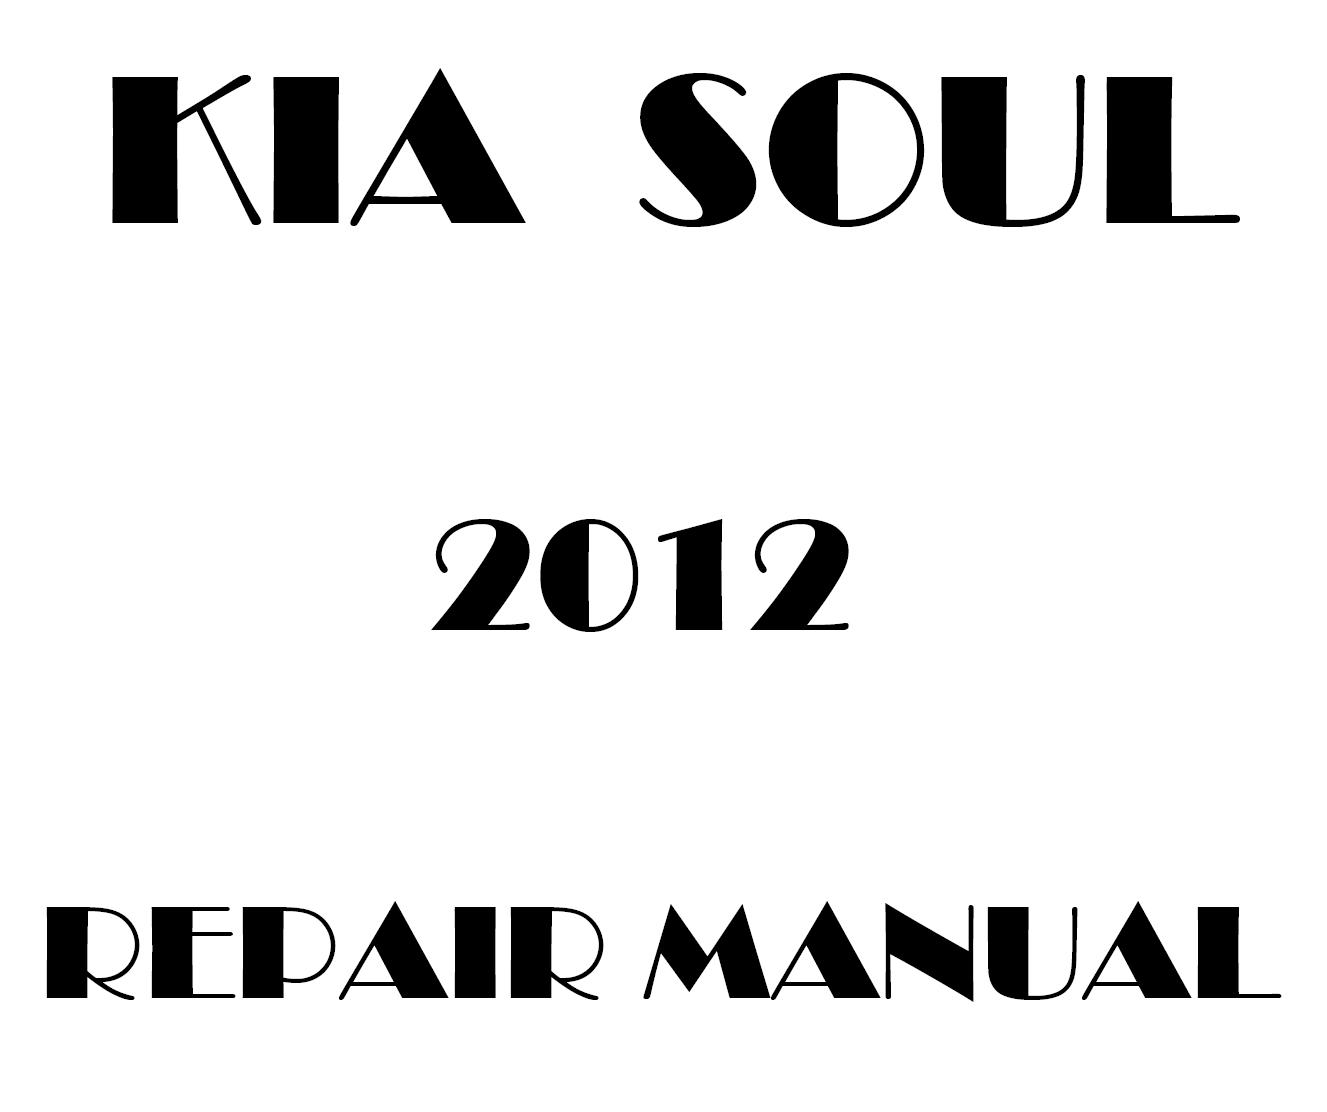 2012 Kia Soul repair manual